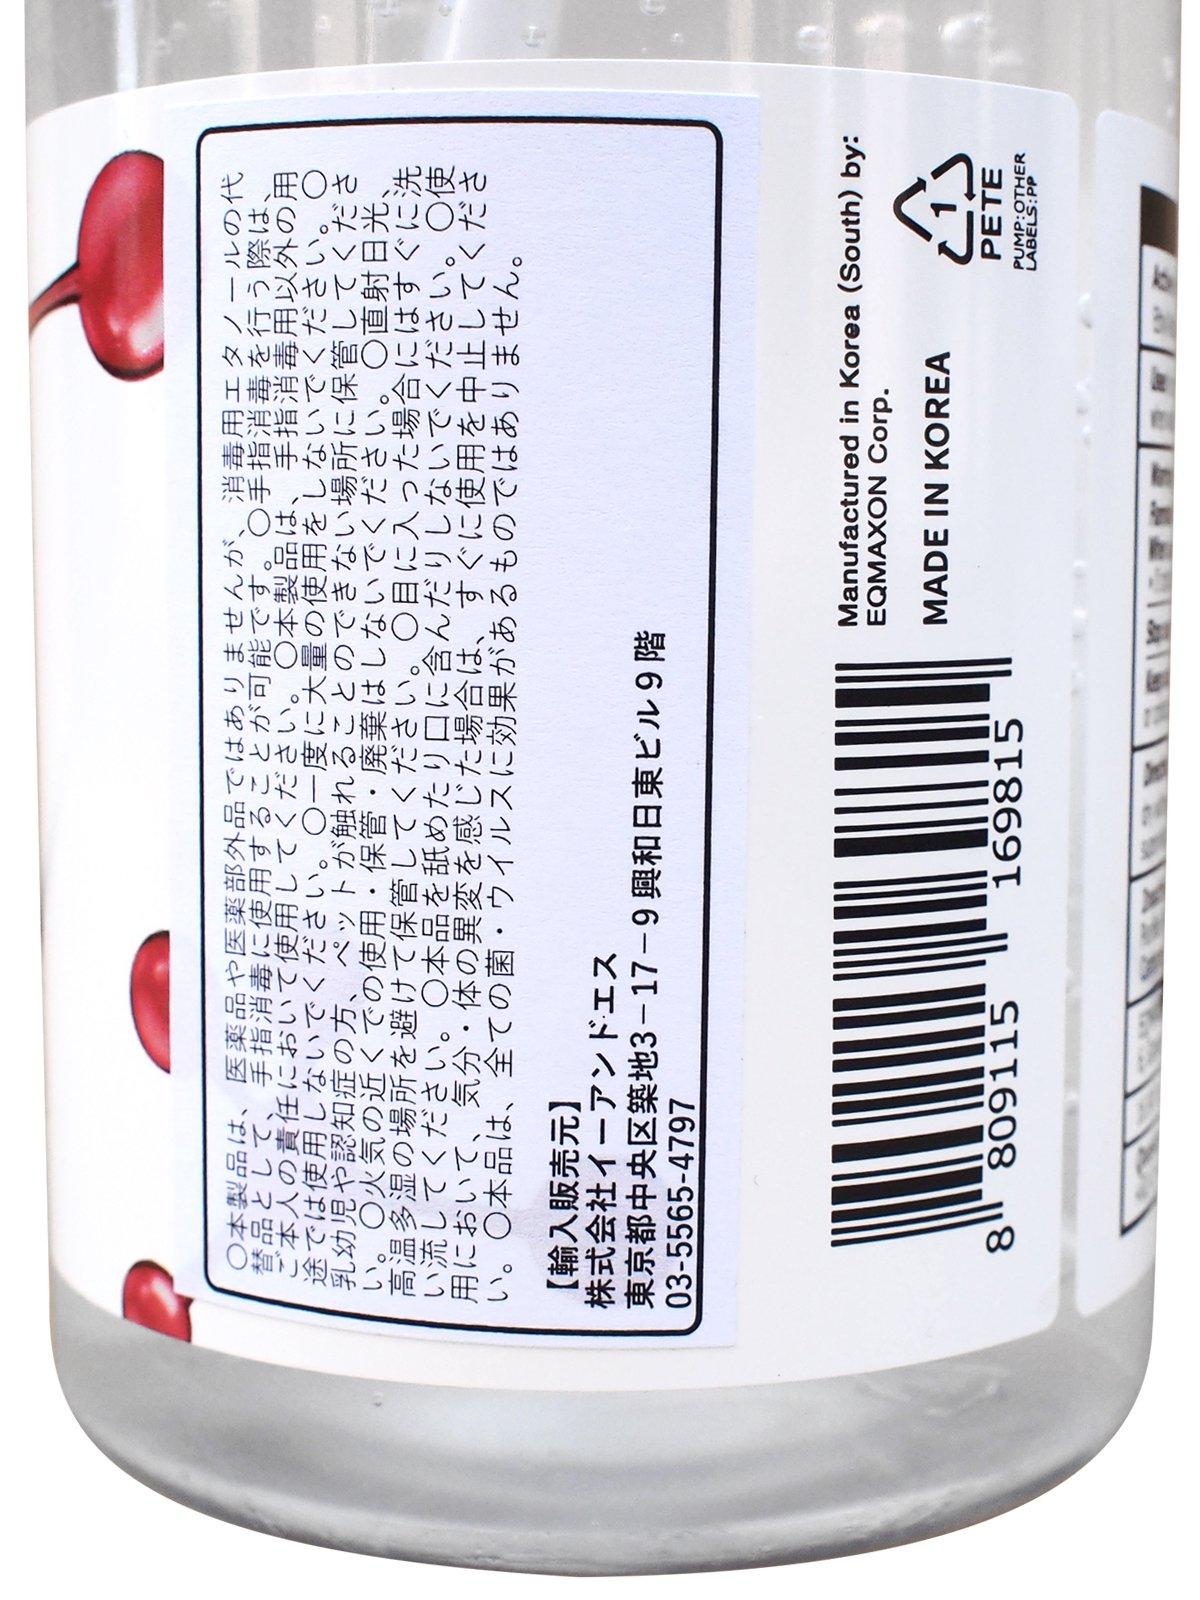 ドクターズクリーン ハンドジェル 速乾 アルコール成分70% 500ml【画像3】